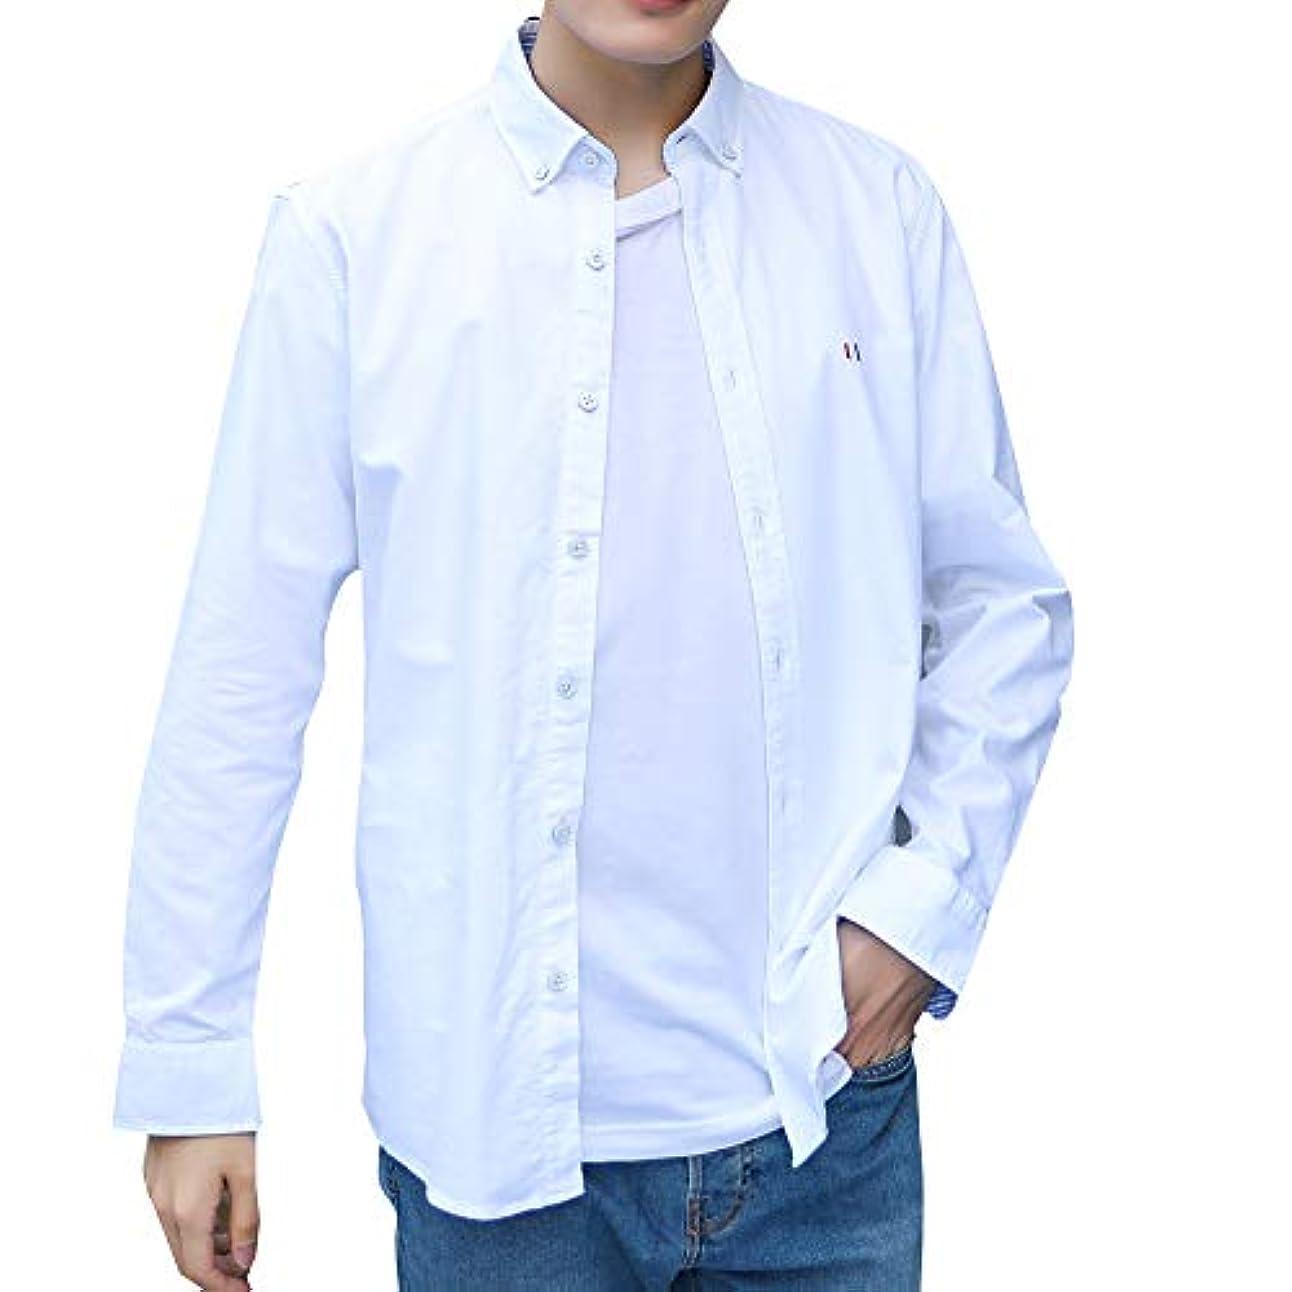 パリティ花束湾シャツ メンズ 長袖 オックスフォードシャツ 無地 ビジネス Yシャツ ボタンダウン ワイドカラー カジュアル ワイシャツ